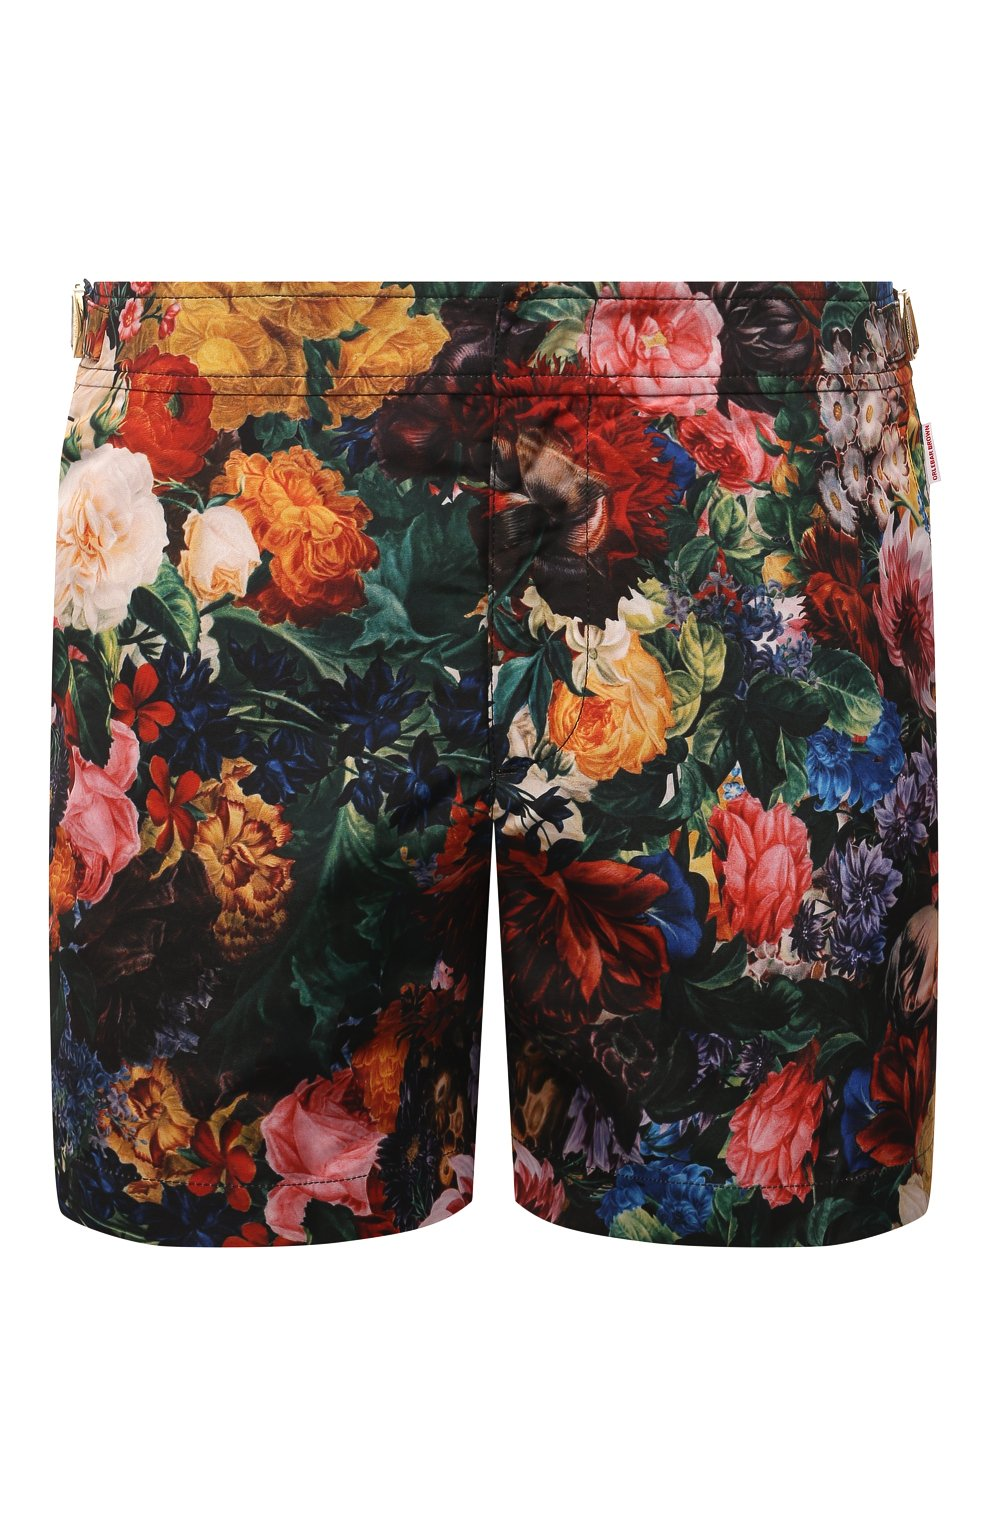 Мужские плавки-шорты ORLEBAR BROWN разноцветного цвета, арт. 274187 | Фото 1 (Материал внешний: Синтетический материал; Принт: С принтом; Мужское Кросс-КТ: плавки-шорты)